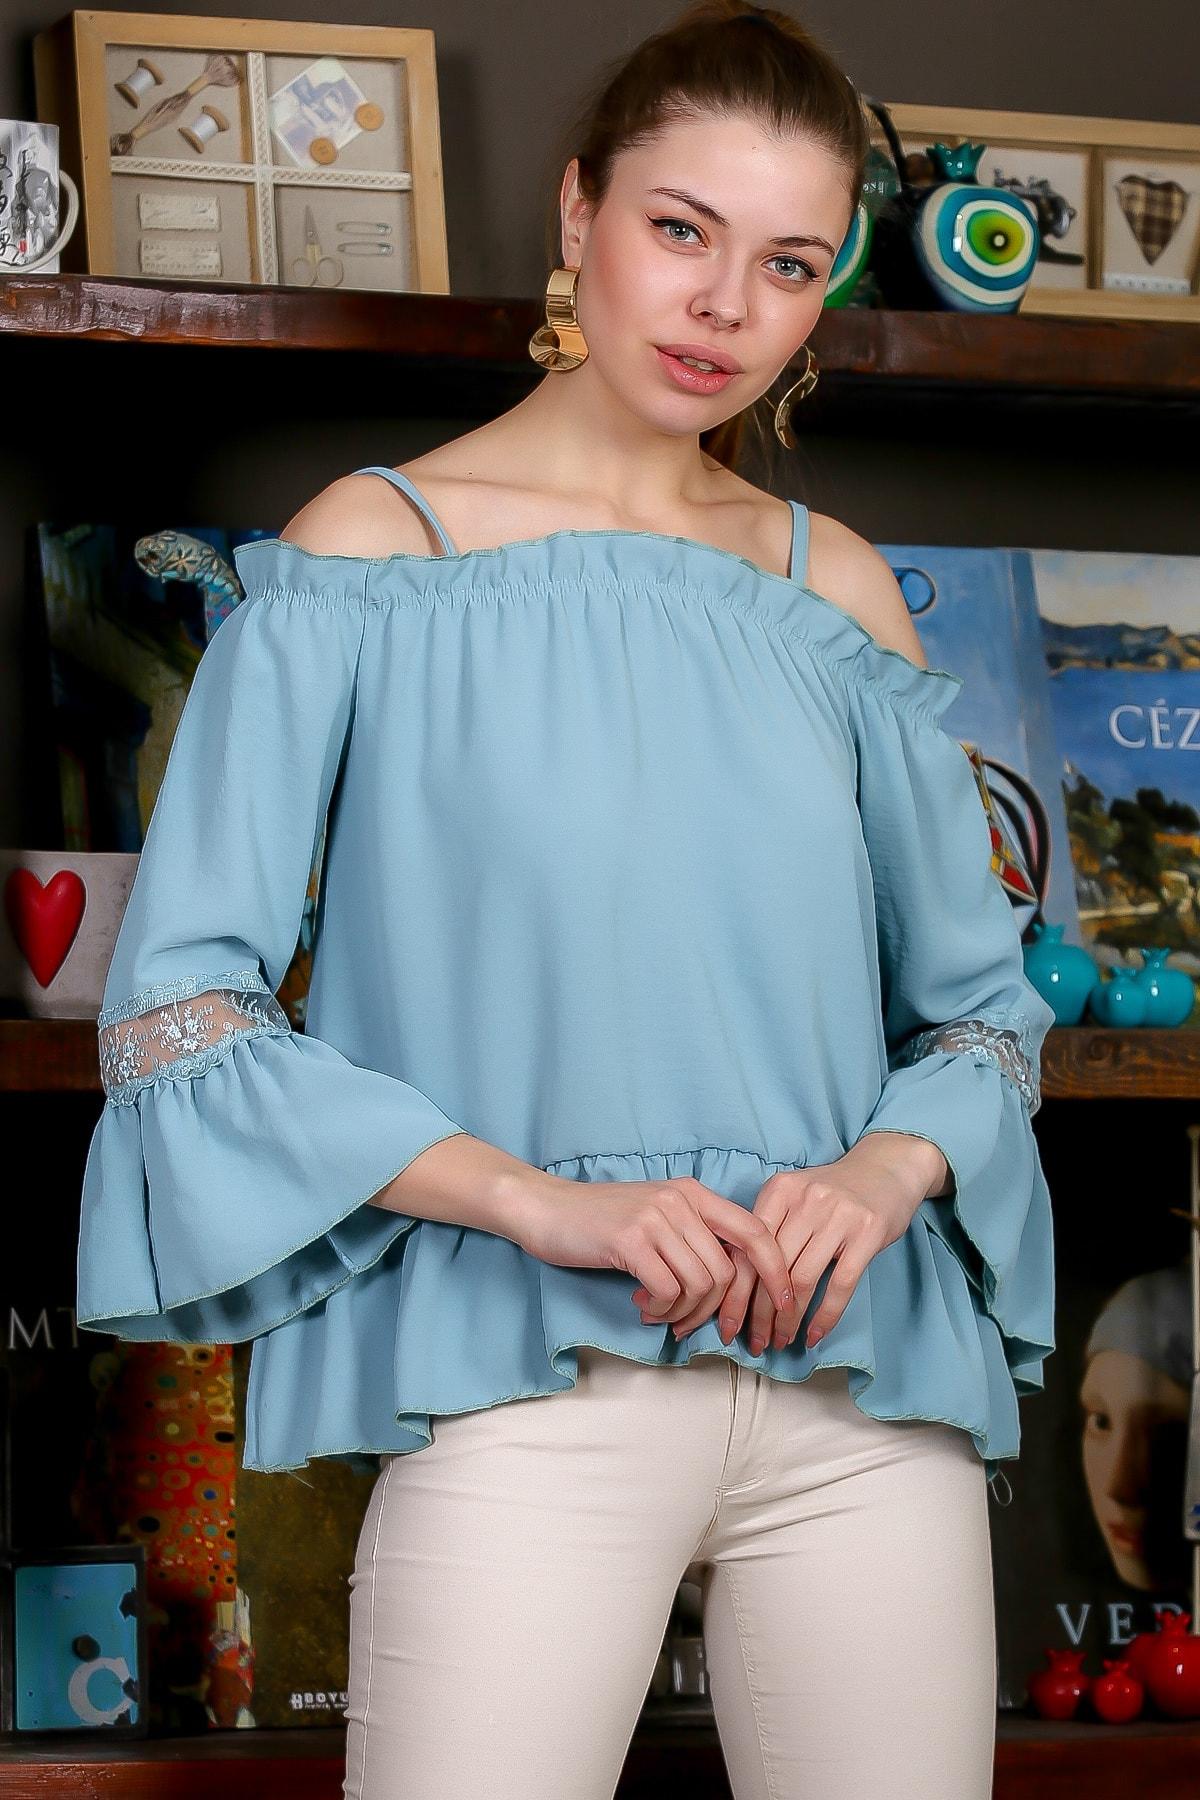 Chiccy Kadın Mint Carmen Yaka Askılı İspanyol Kol Dantelli Etek Ucu Fırfırlı Dokuma Bluz M10010200BL95540